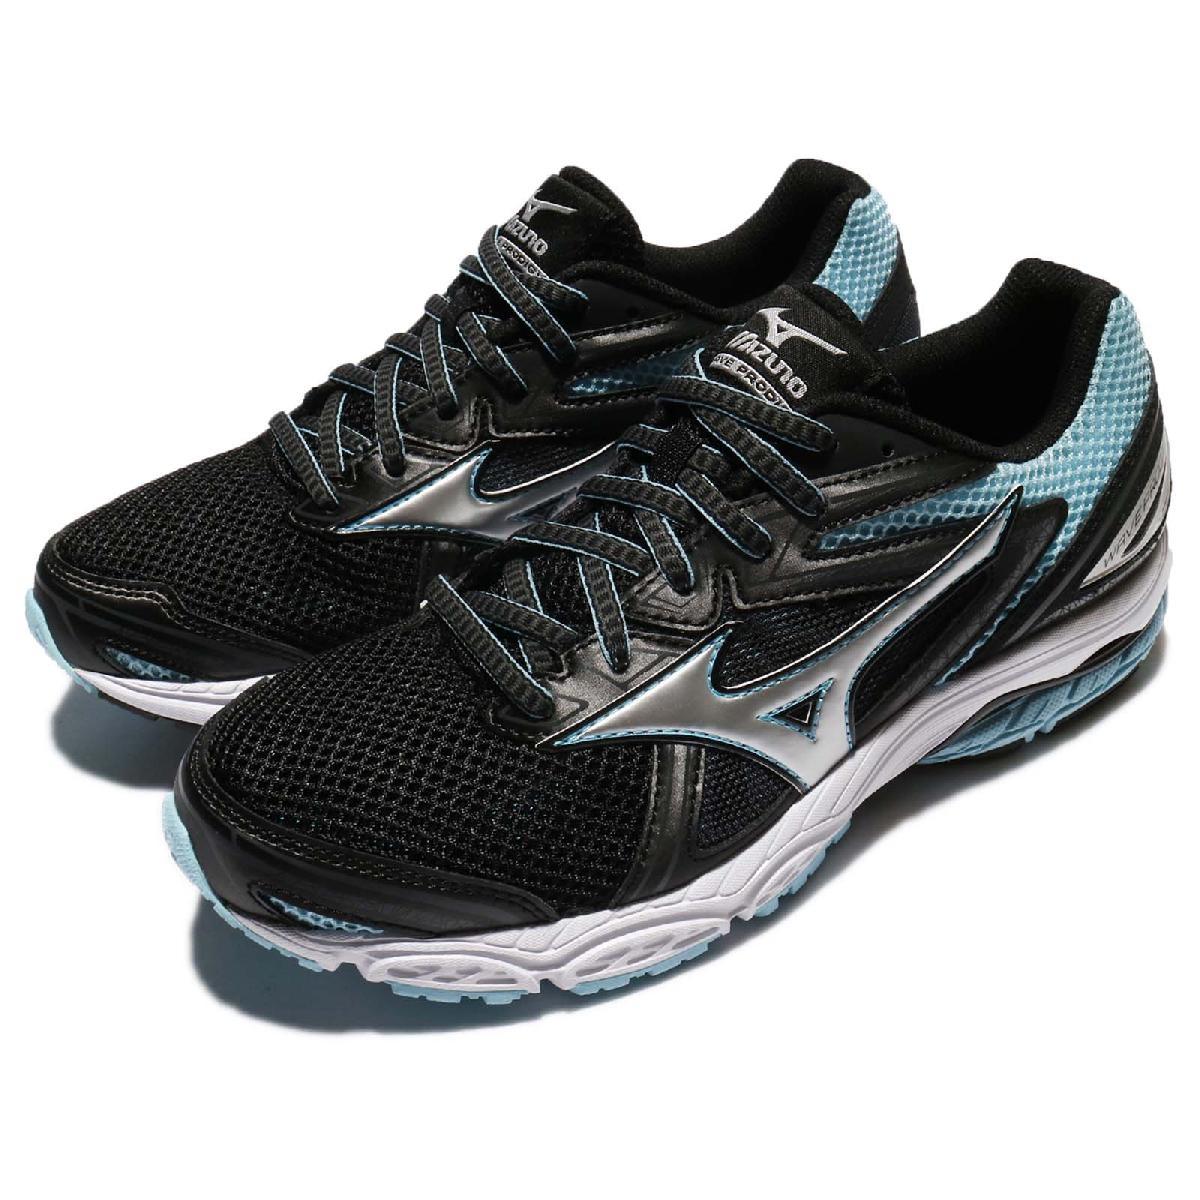 美津濃 Mizuno Wave Prodigy 黑 藍 白底 慢跑鞋 運動鞋 緩震舒適 女鞋【PUMP306】 J1GD171003